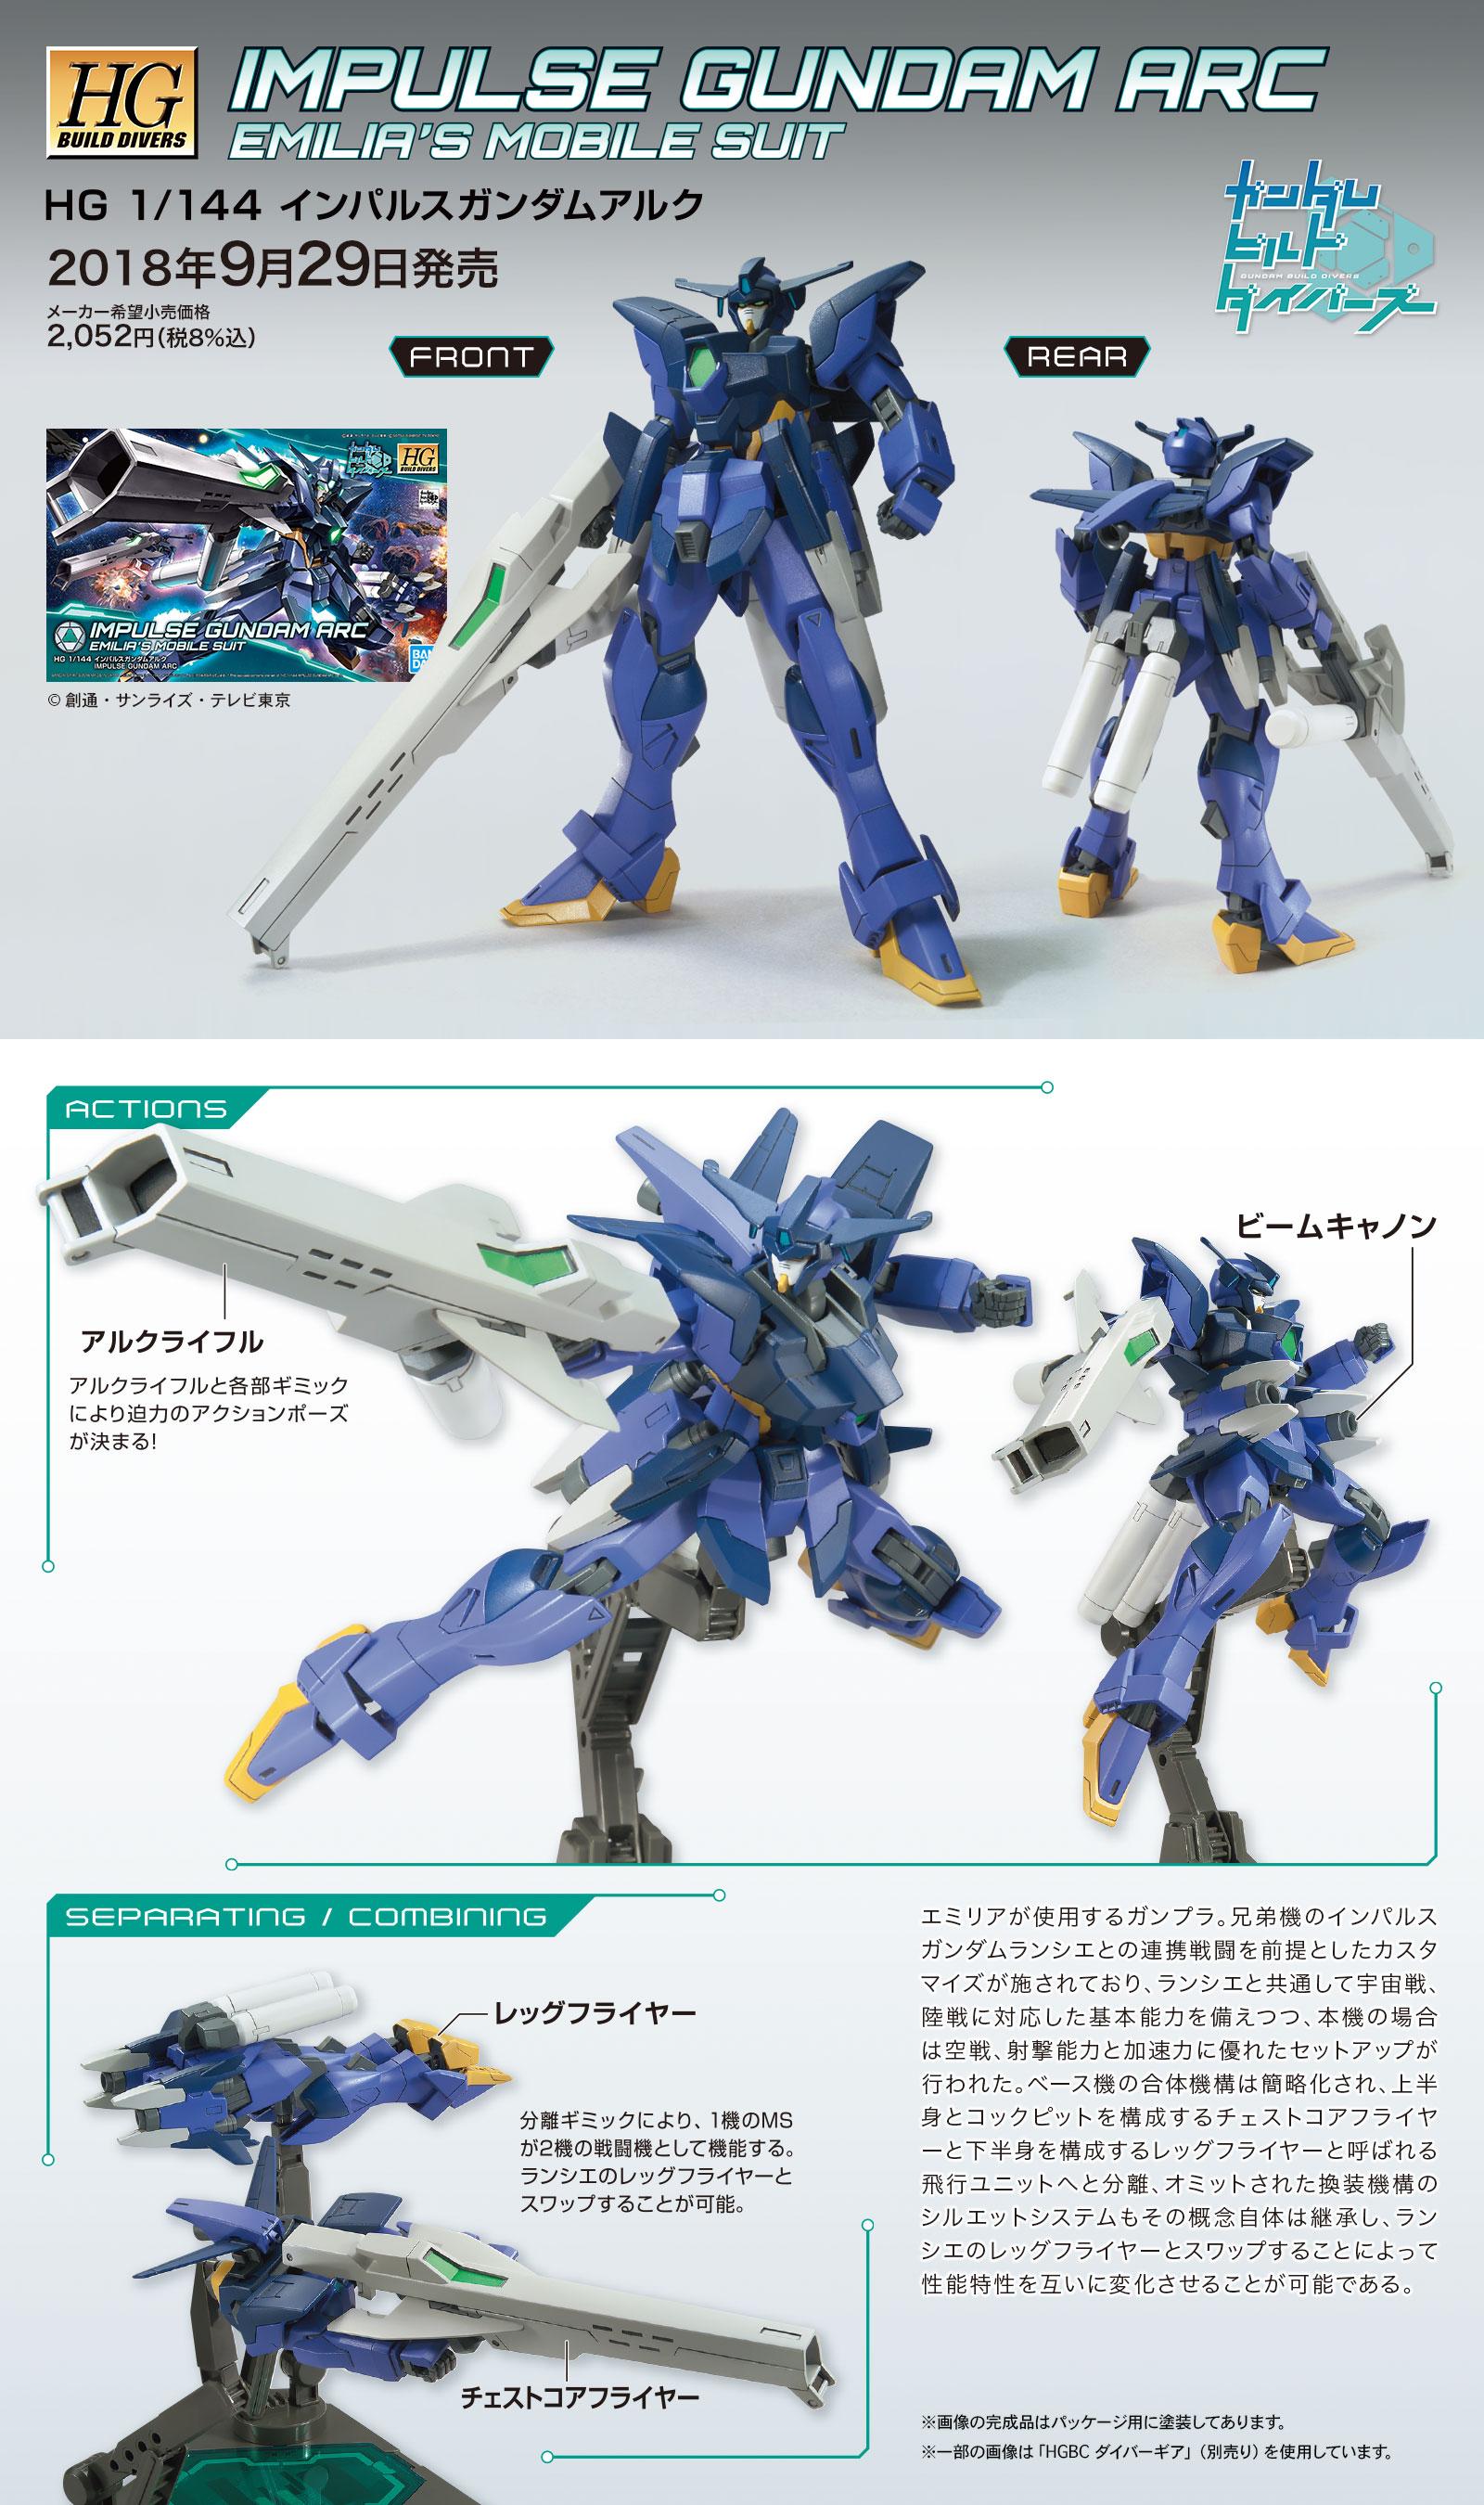 HGBD 1/144 インパルスガンダムアルク [Impulse Gundam Arc] 公式商品説明(画像)